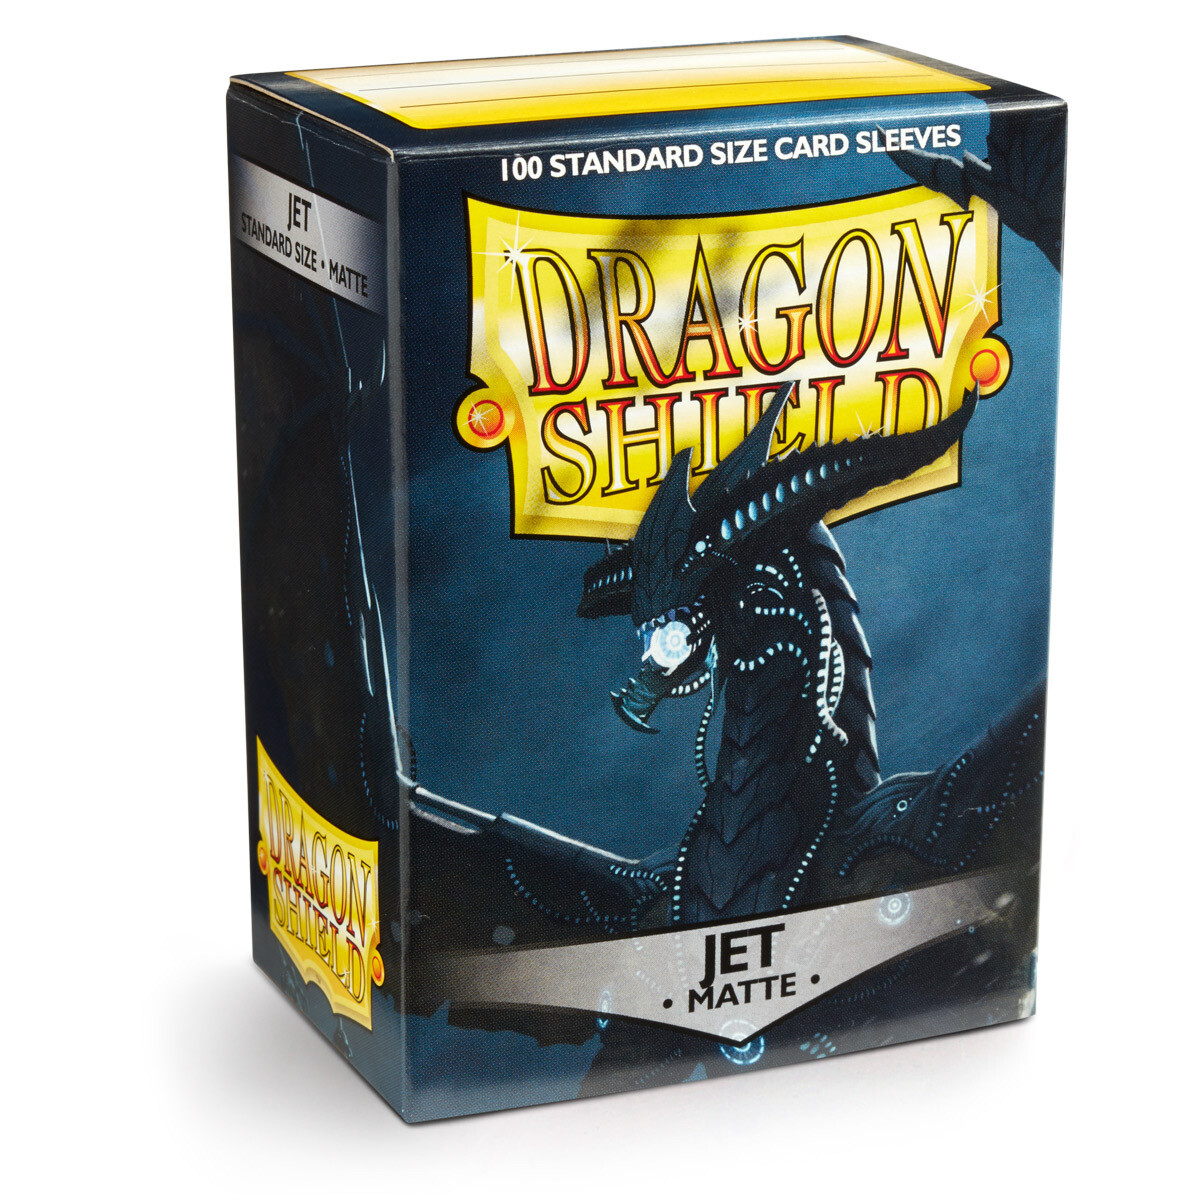 Dragon Shield 100 Sleeves - Matte Jet